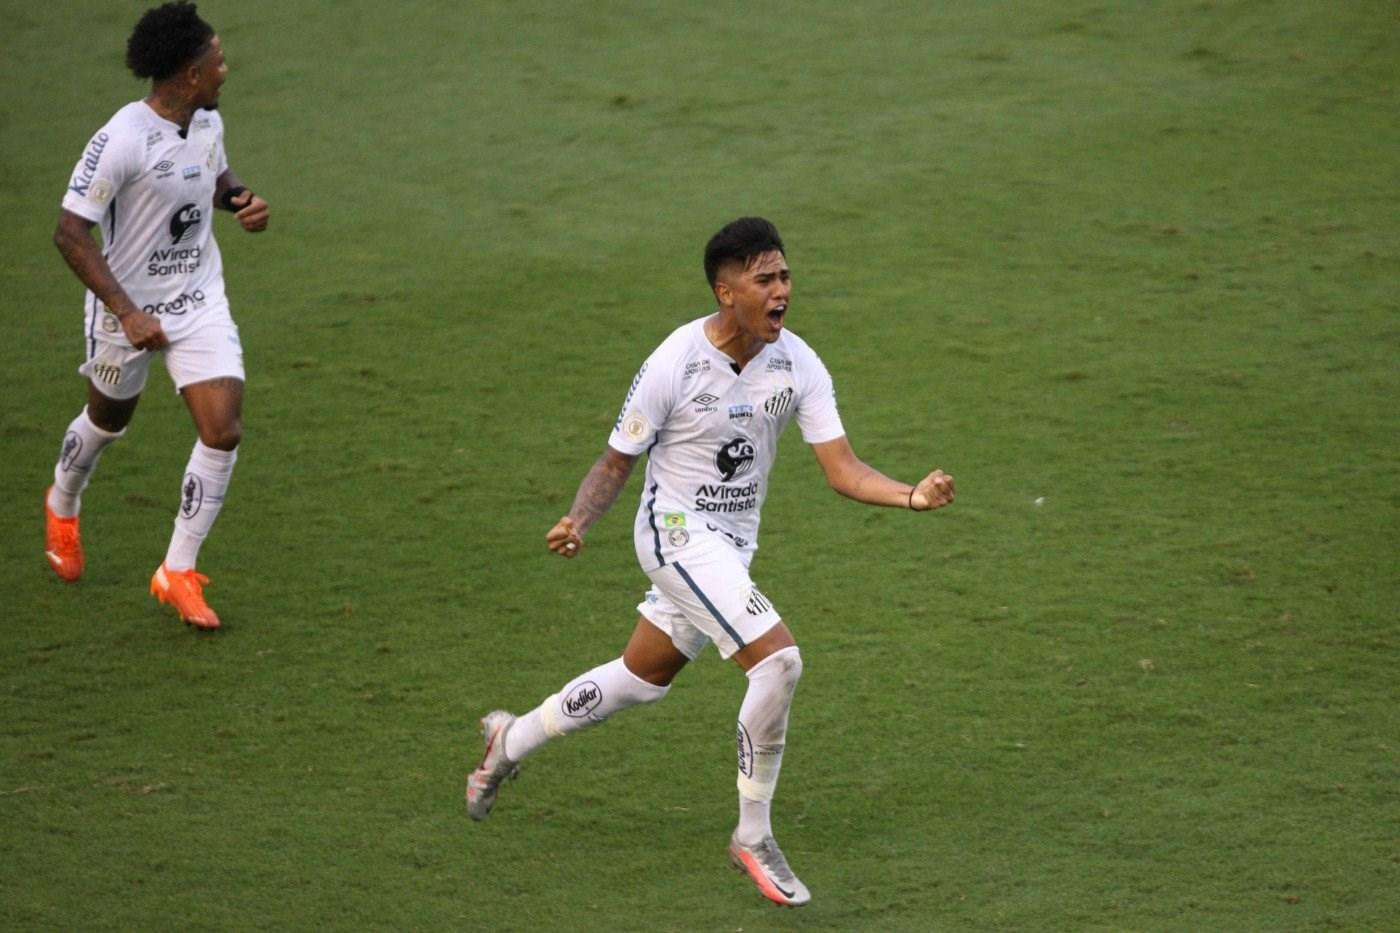 فاز سانتوس بنتيجة 2-0